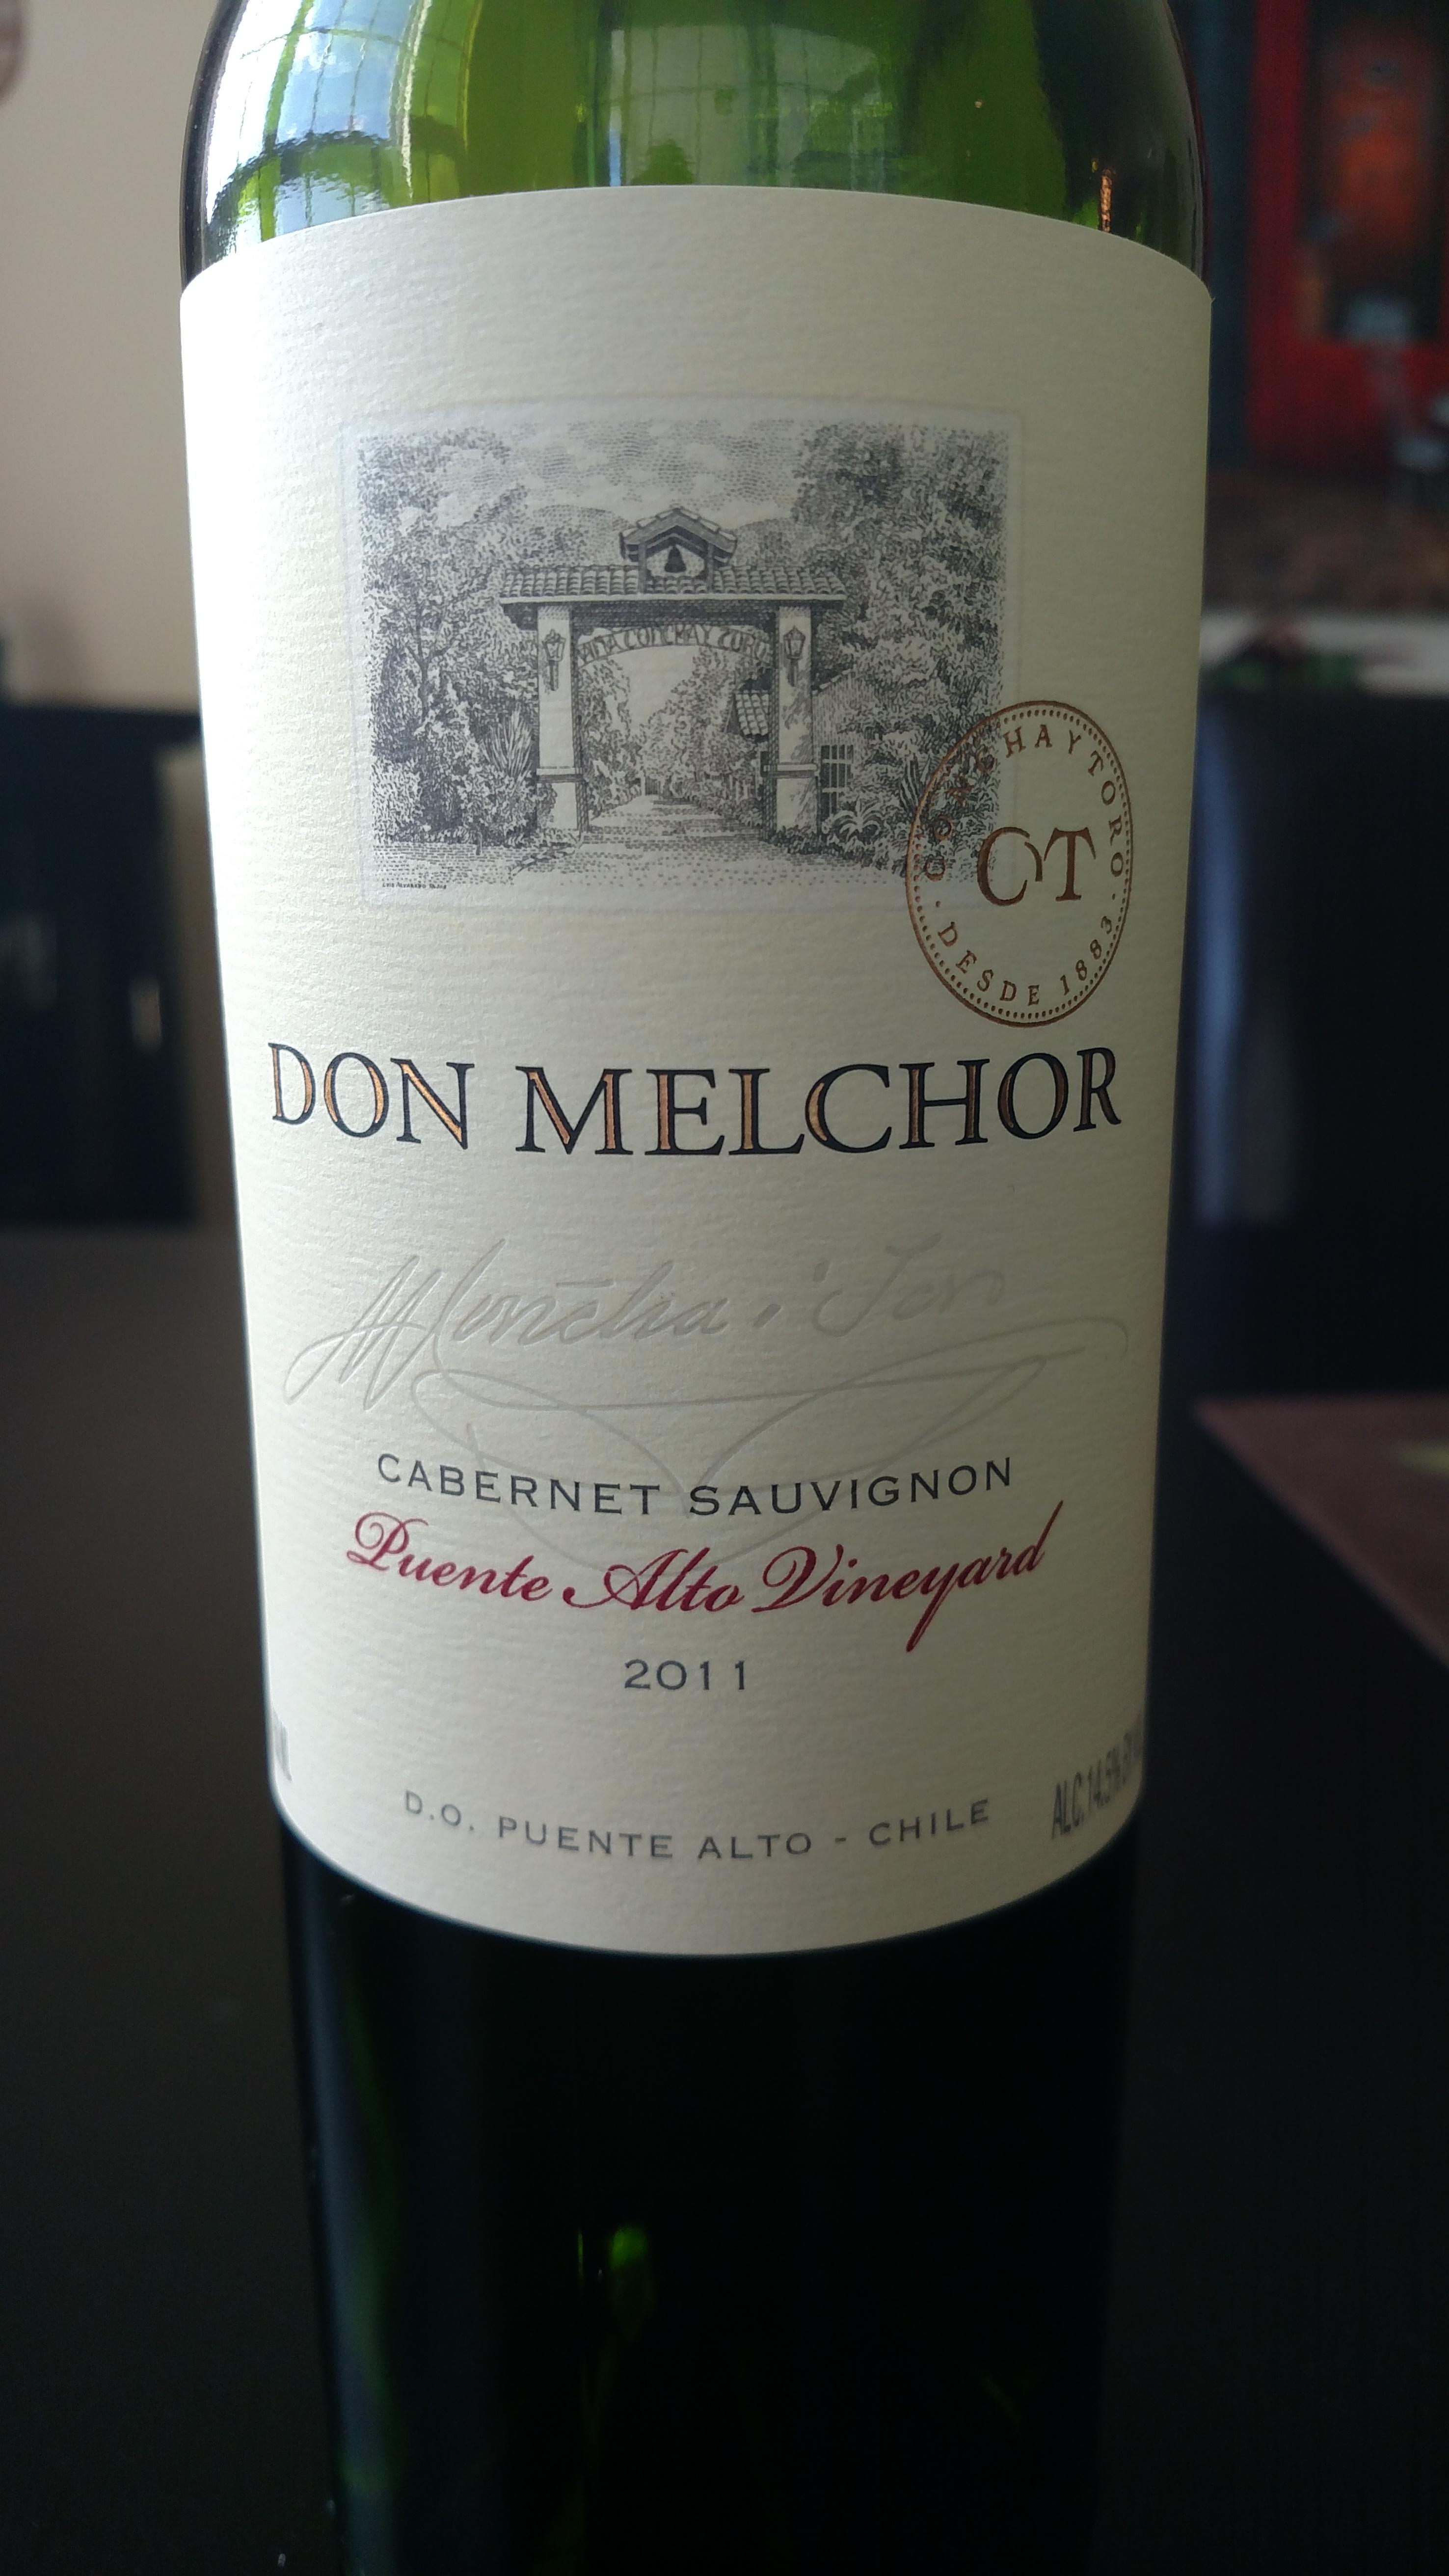 2011 Don Melchor Cabernet Sauvignon